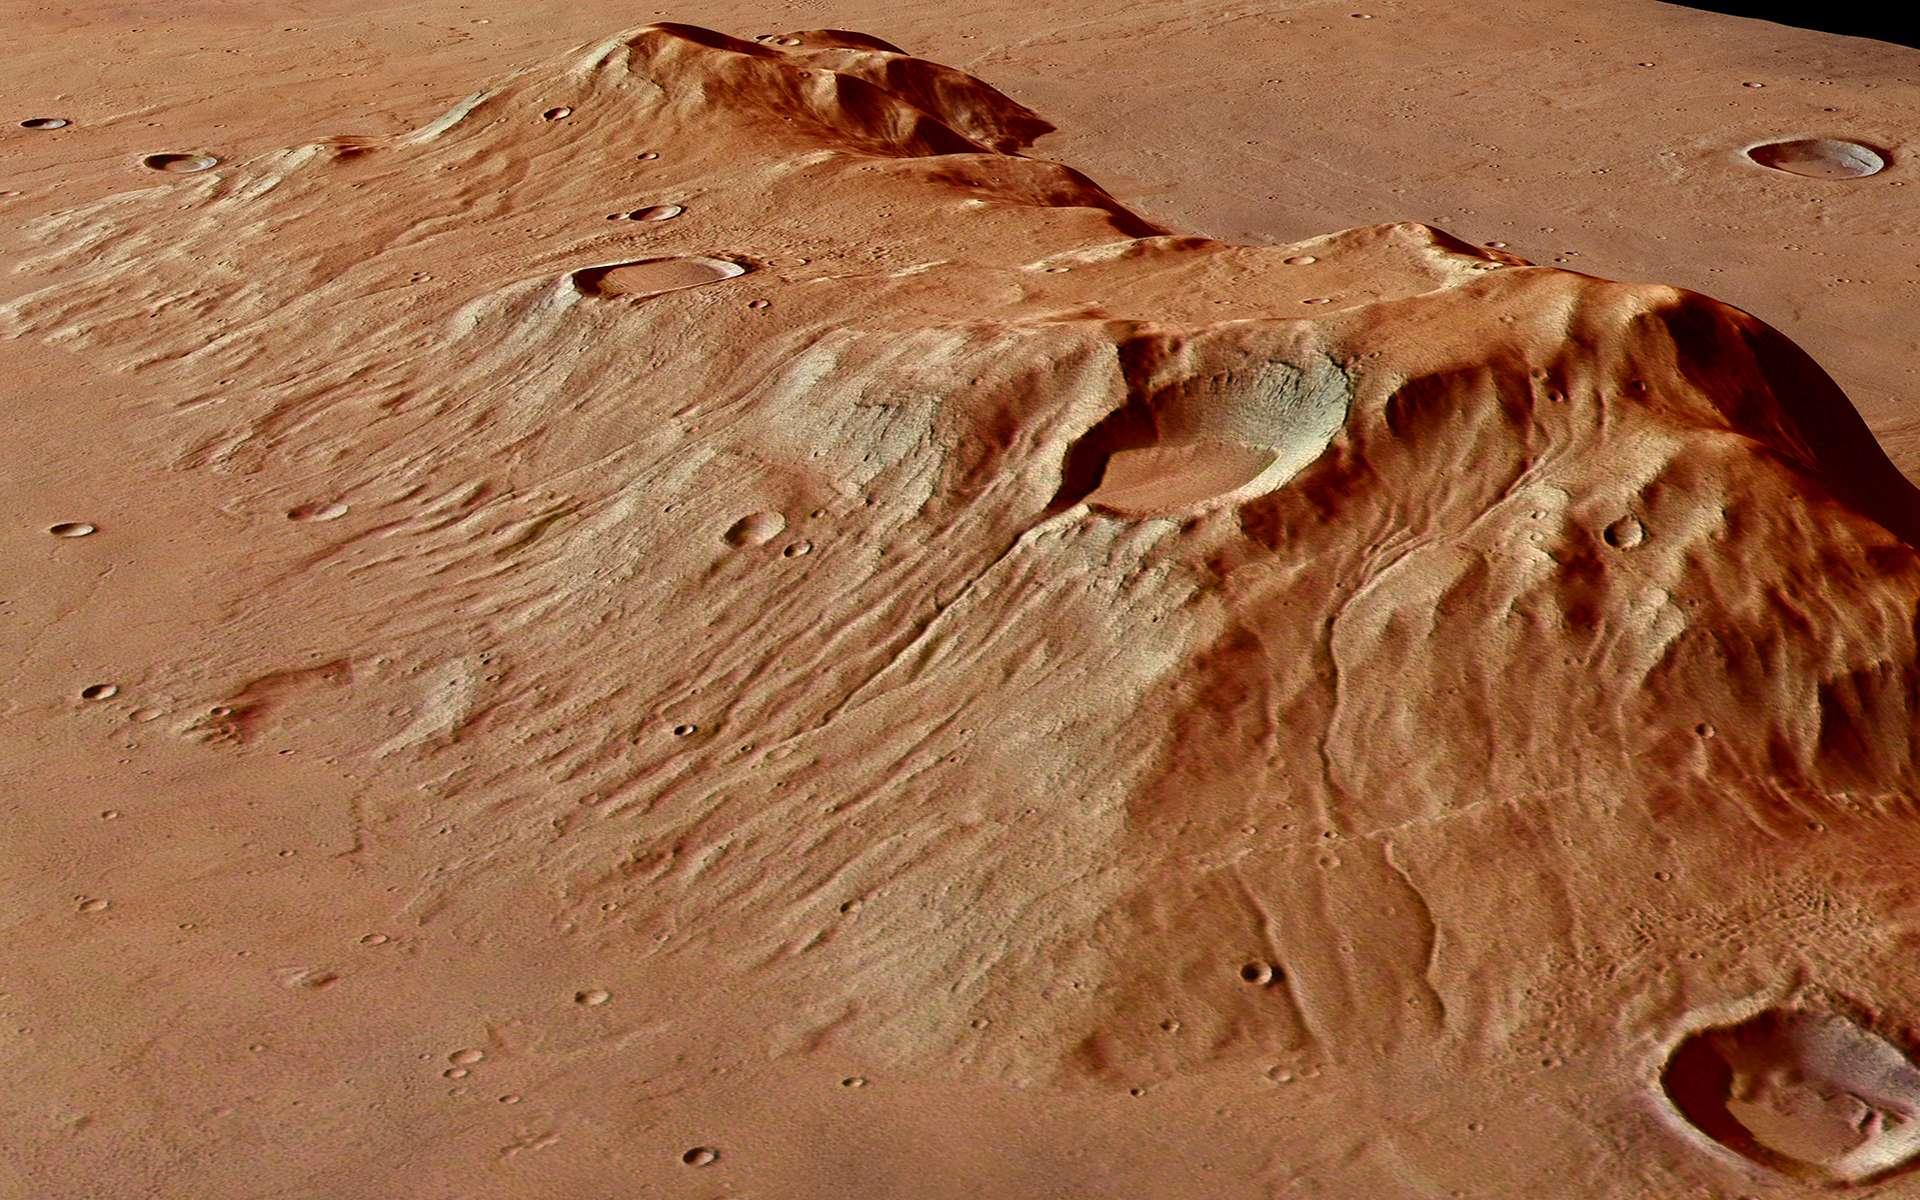 La montagne martienne Ausonia Mensa, haute de 3.700 mètres et couvrant une superficie de 98 x 48 km. @ ESA, DLR, FU Berlin, CC by-sa 3.0 IGO